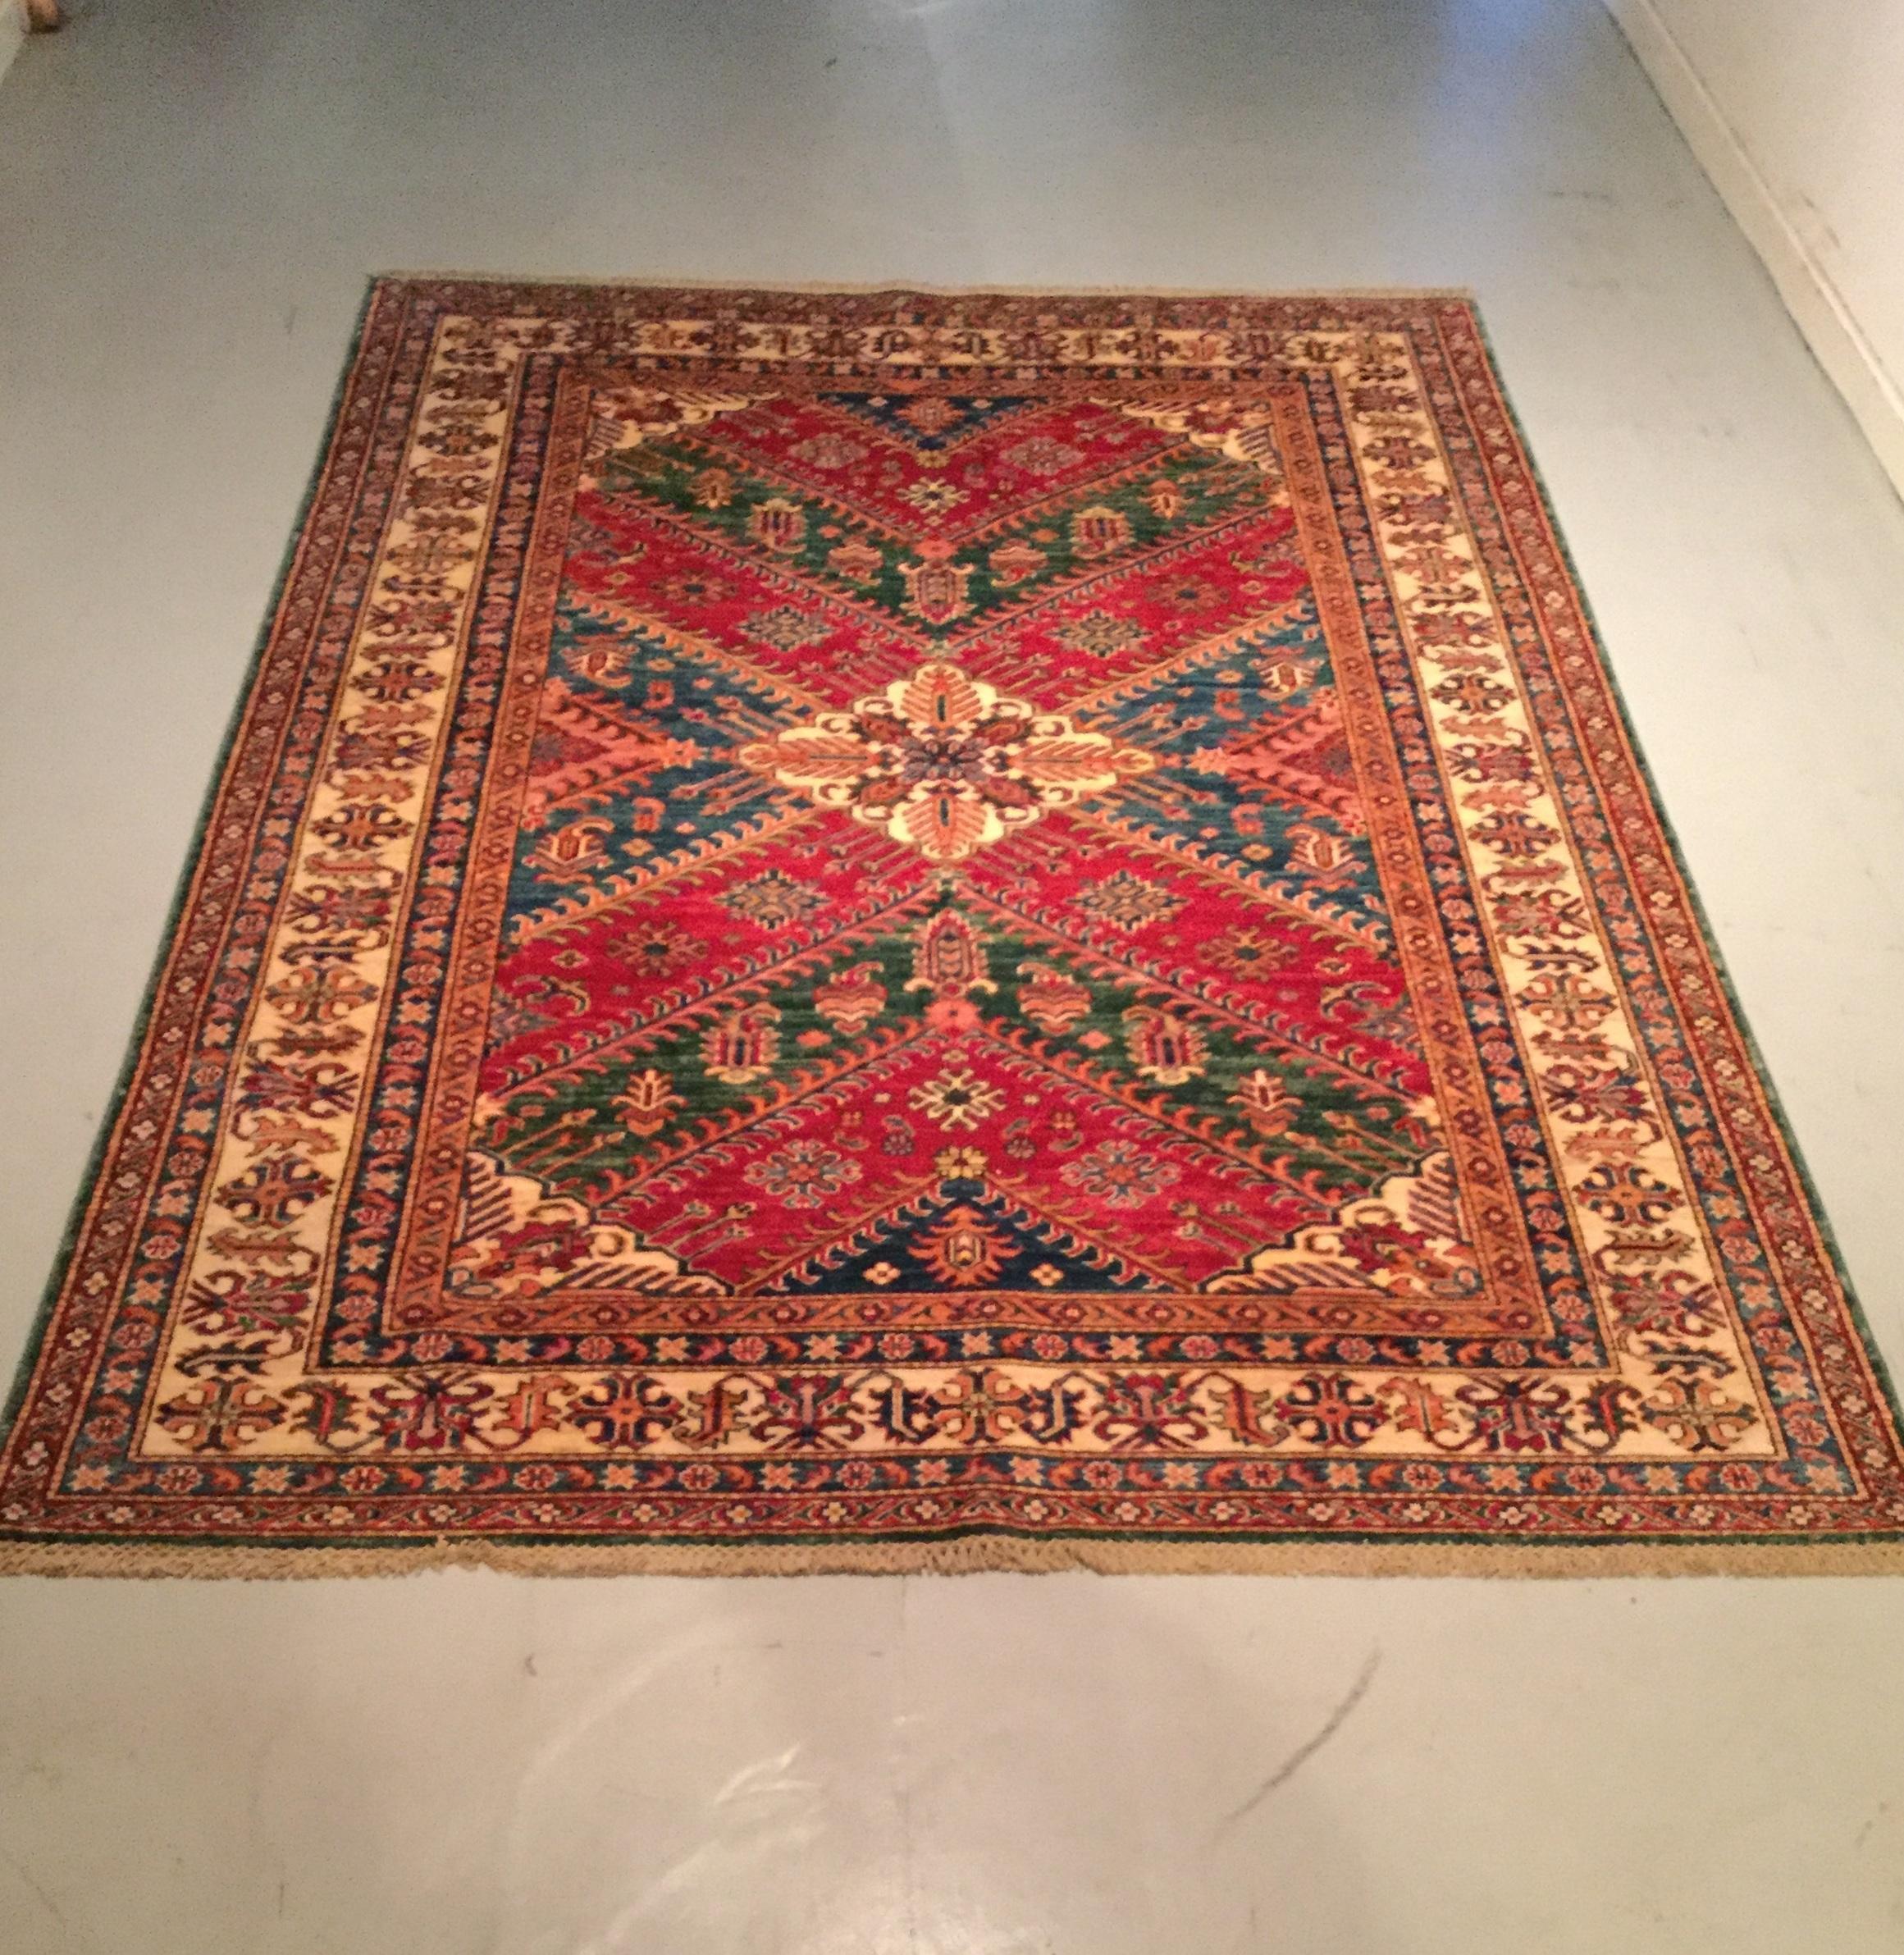 Afghan Kazak - Circa 2000's    Size Measurements: 240cm x 171cm